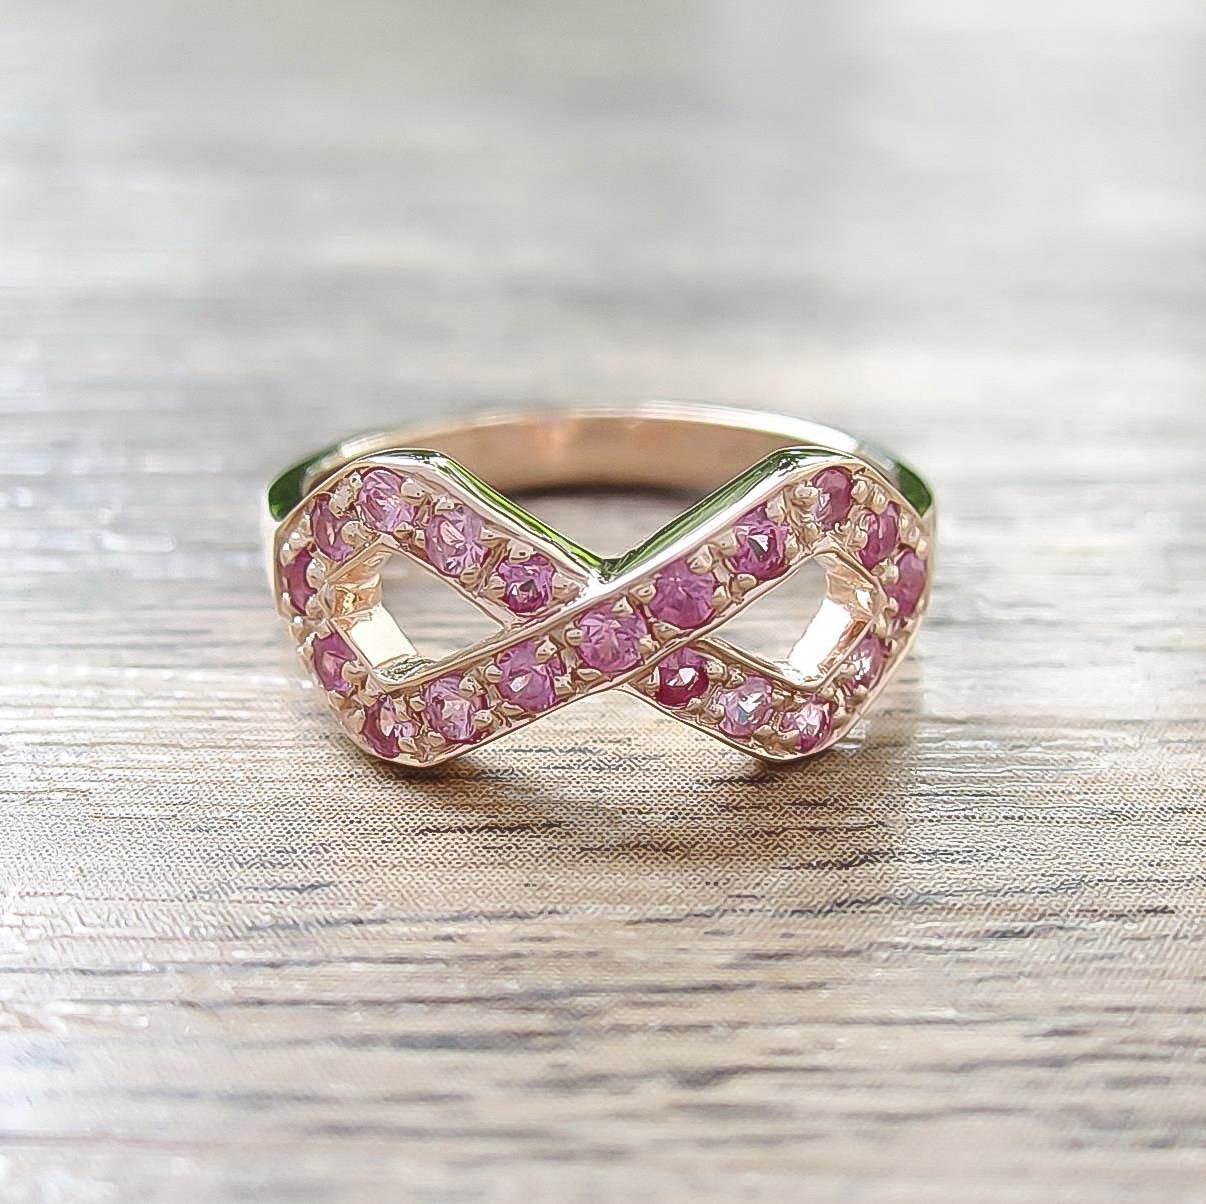 แหวน Pink Sapphire Sterling Silver สี Rose Gold รุ่น Infinite